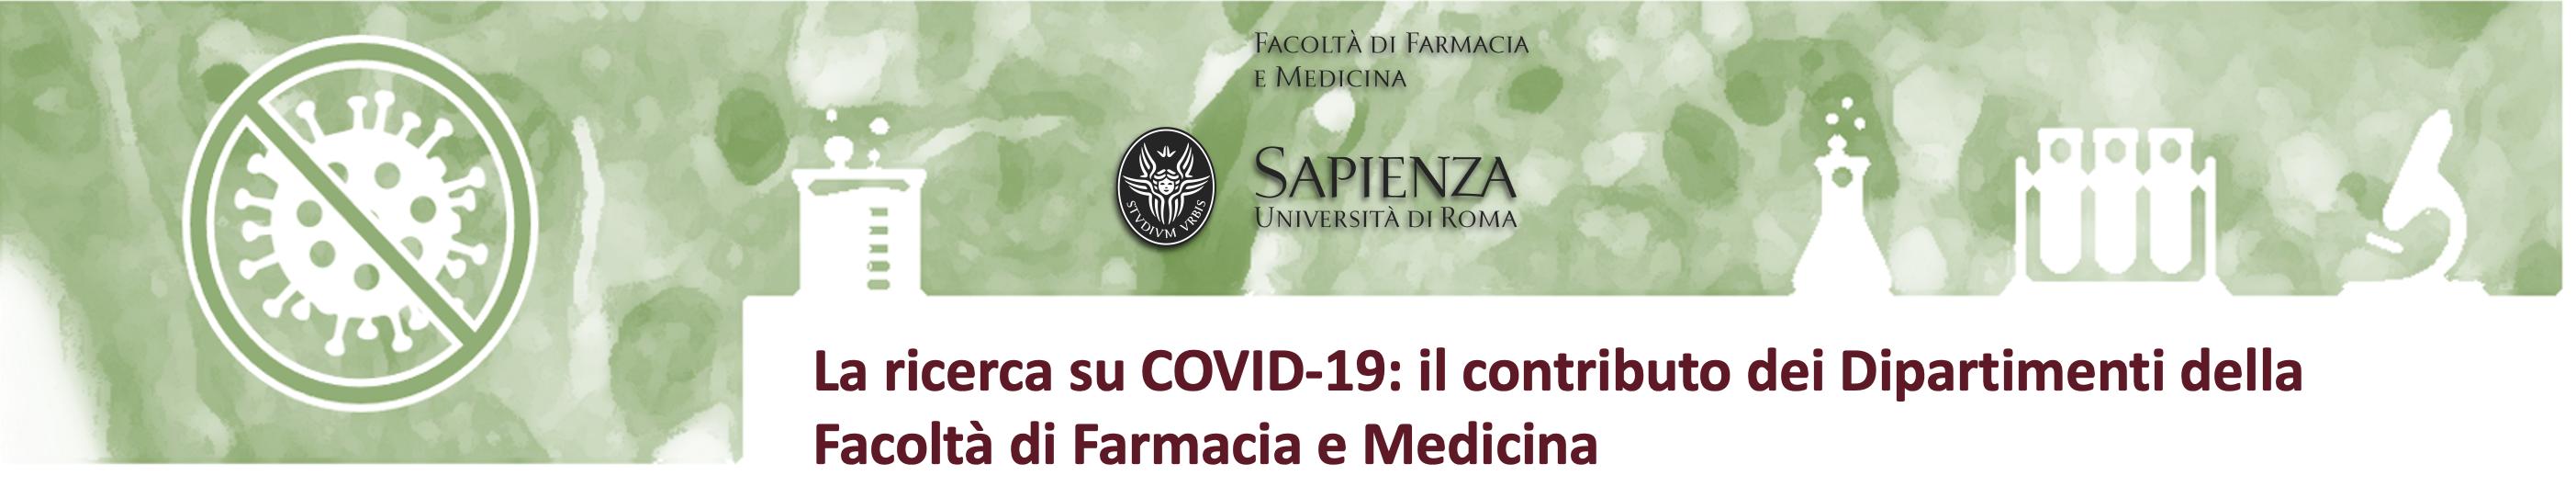 La ricerca su COVID-19: il contributo dei Dipartimenti della Facoltà di Farmacia e Medicina